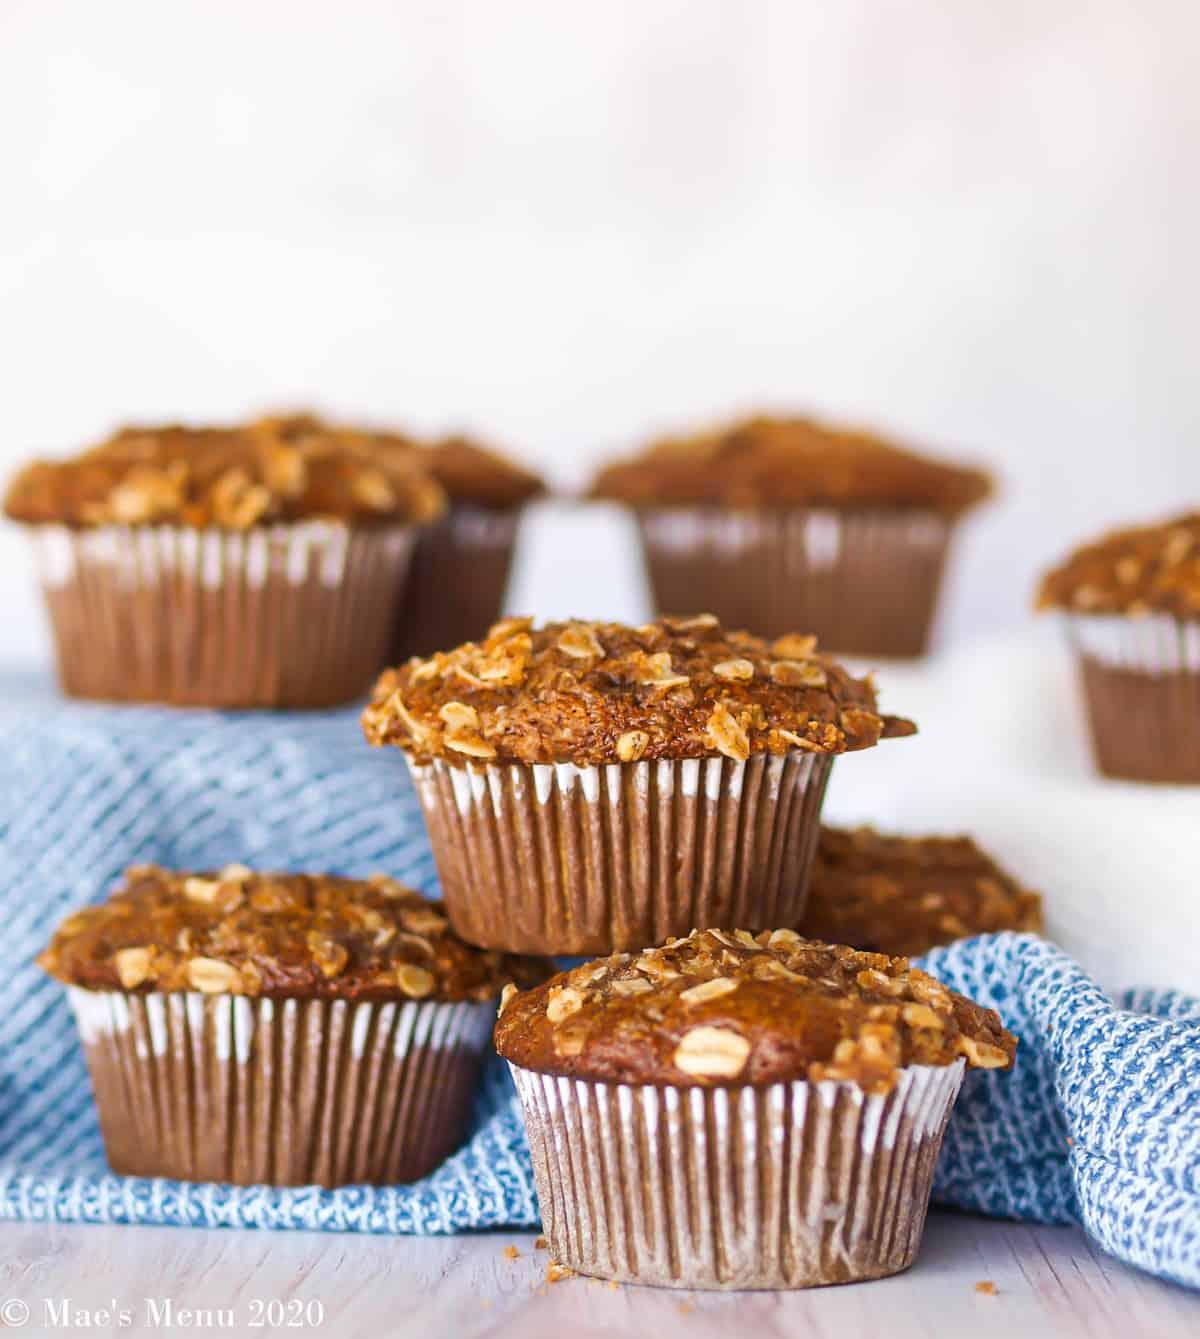 Gluten-free pumpkin muffins on tiered stands